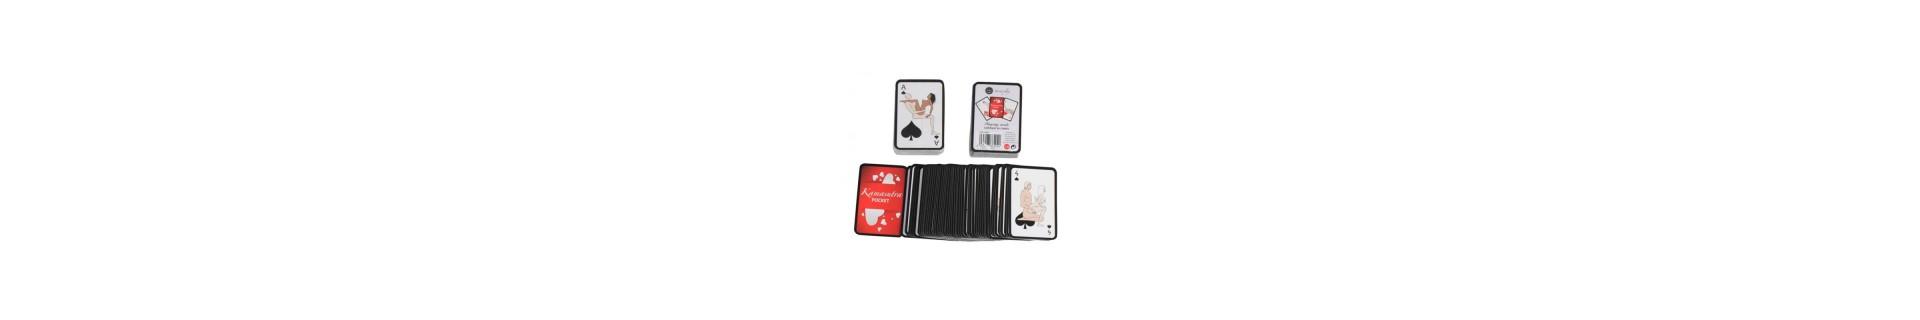 Comprar Juegos de cartas eróticos online 【Envío discreto】 ❤️